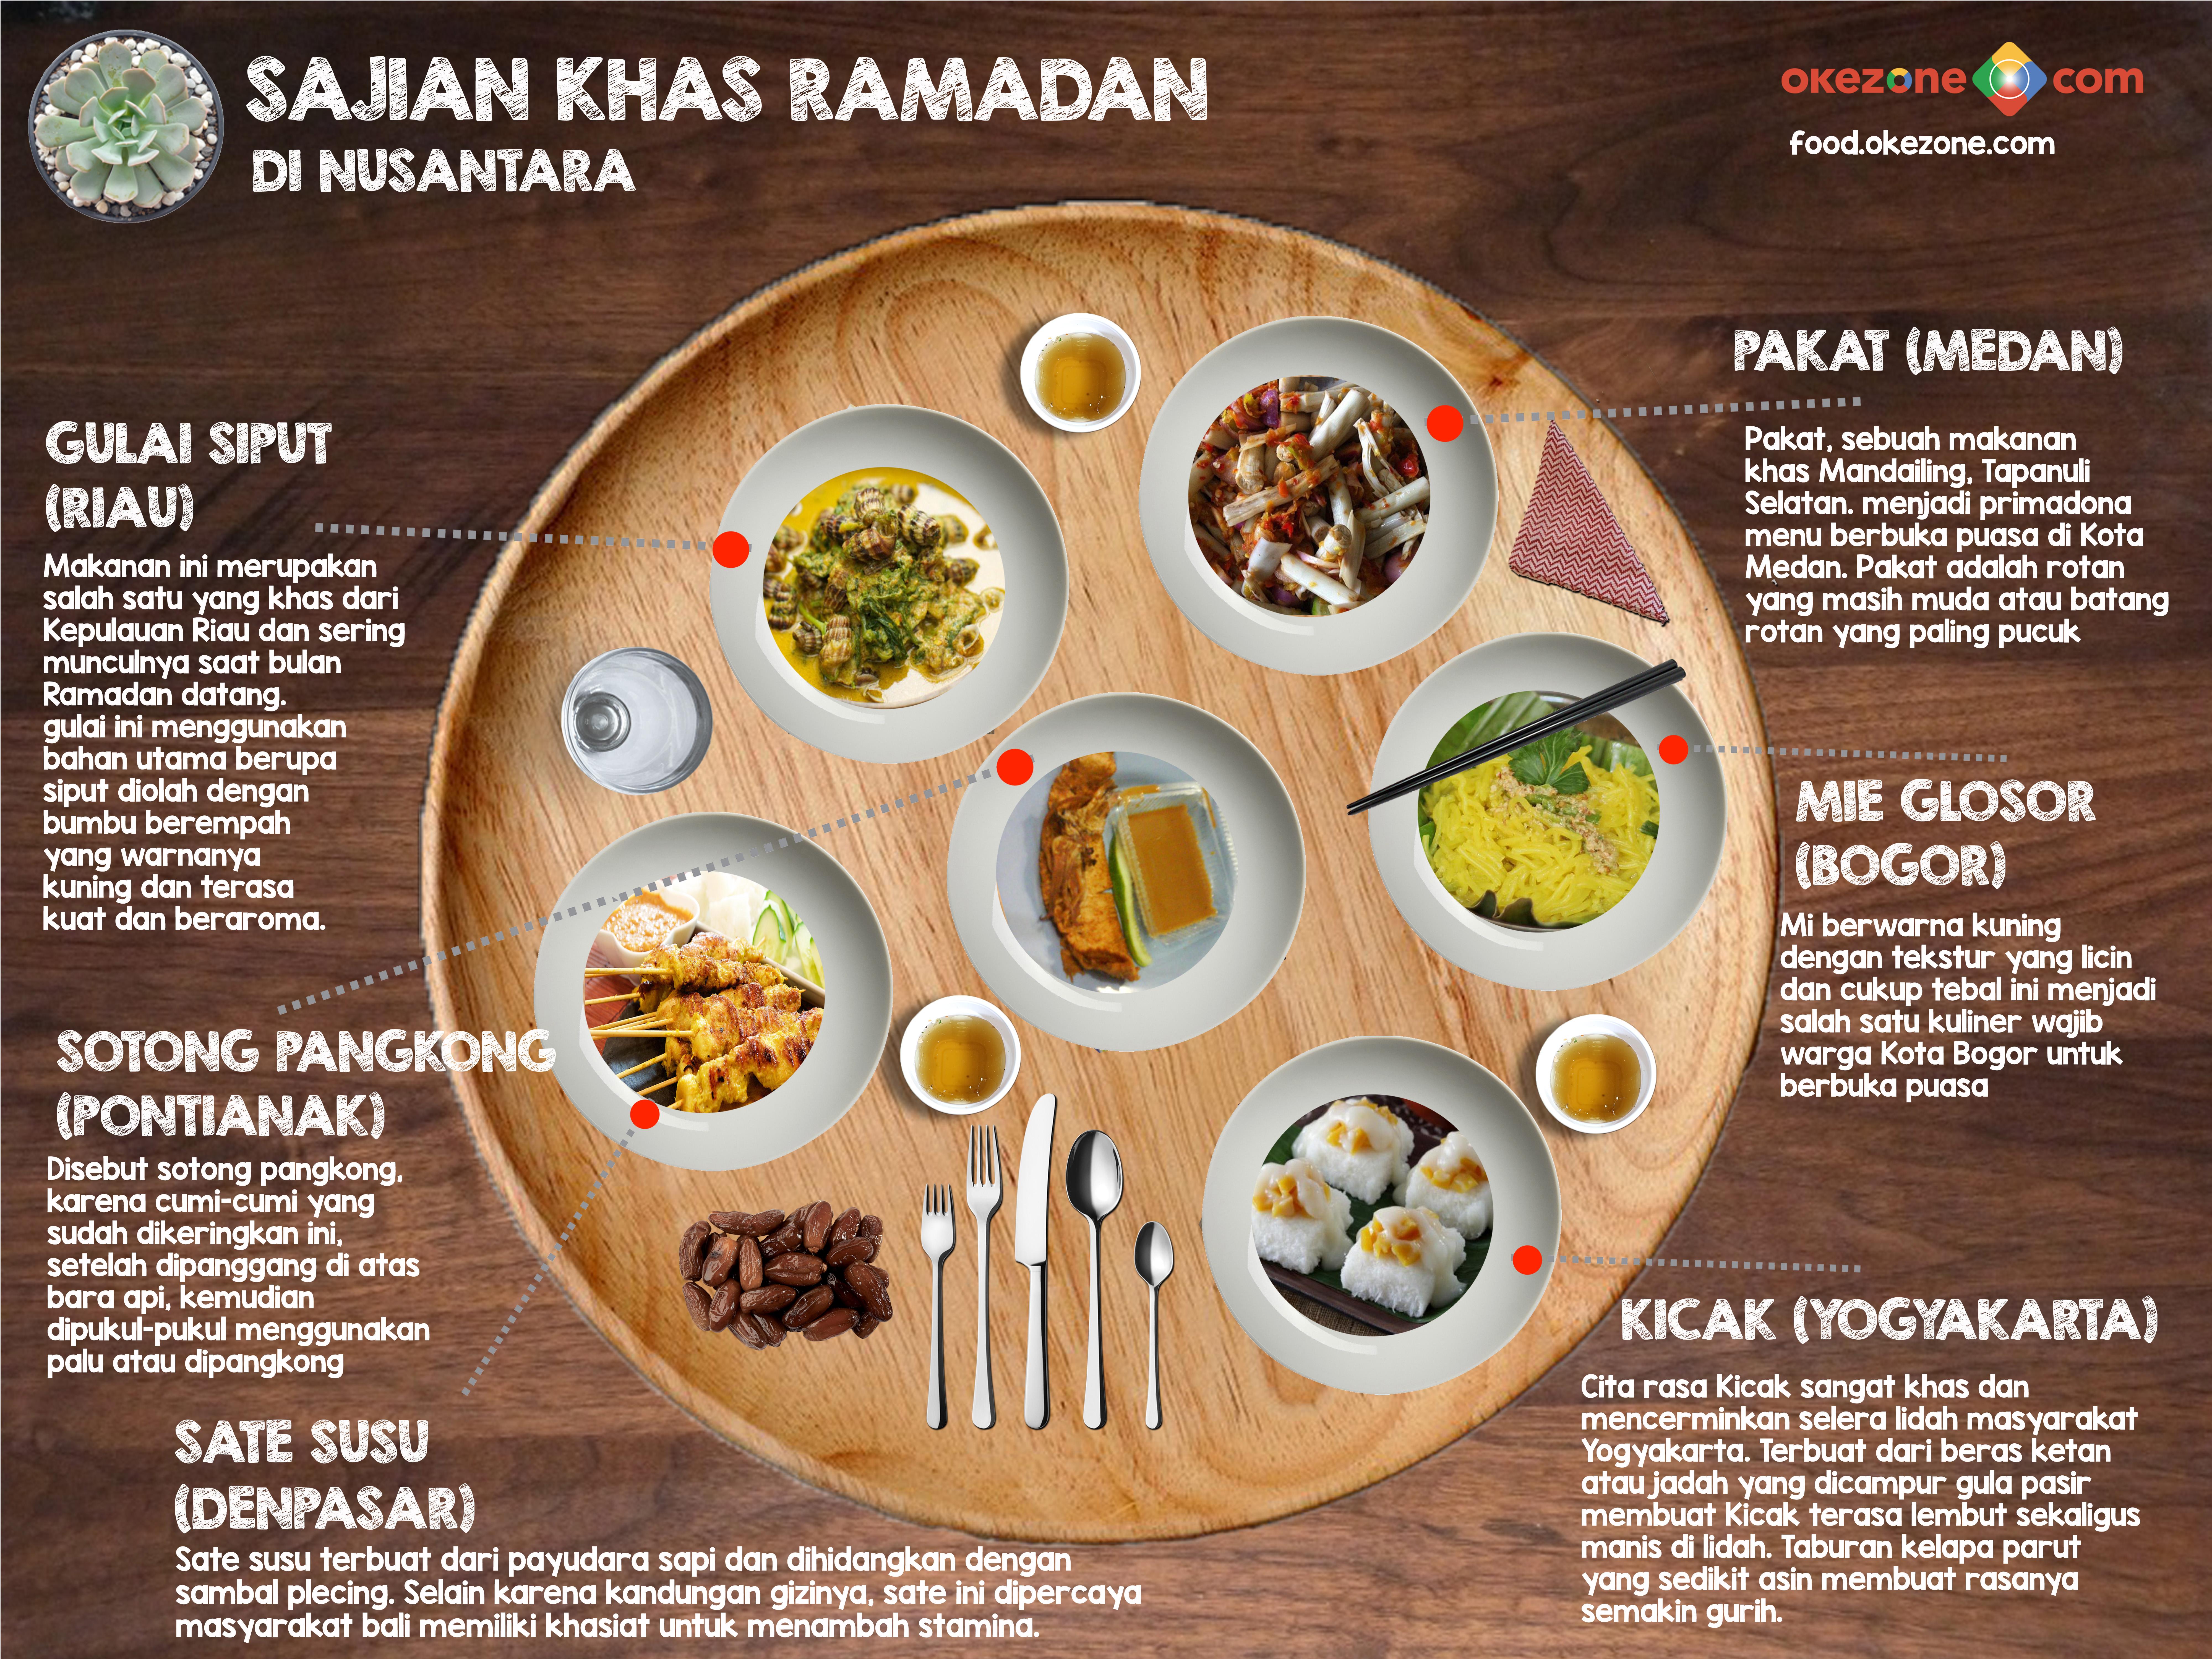 Sajian Khas Ramadan di Nusantara -